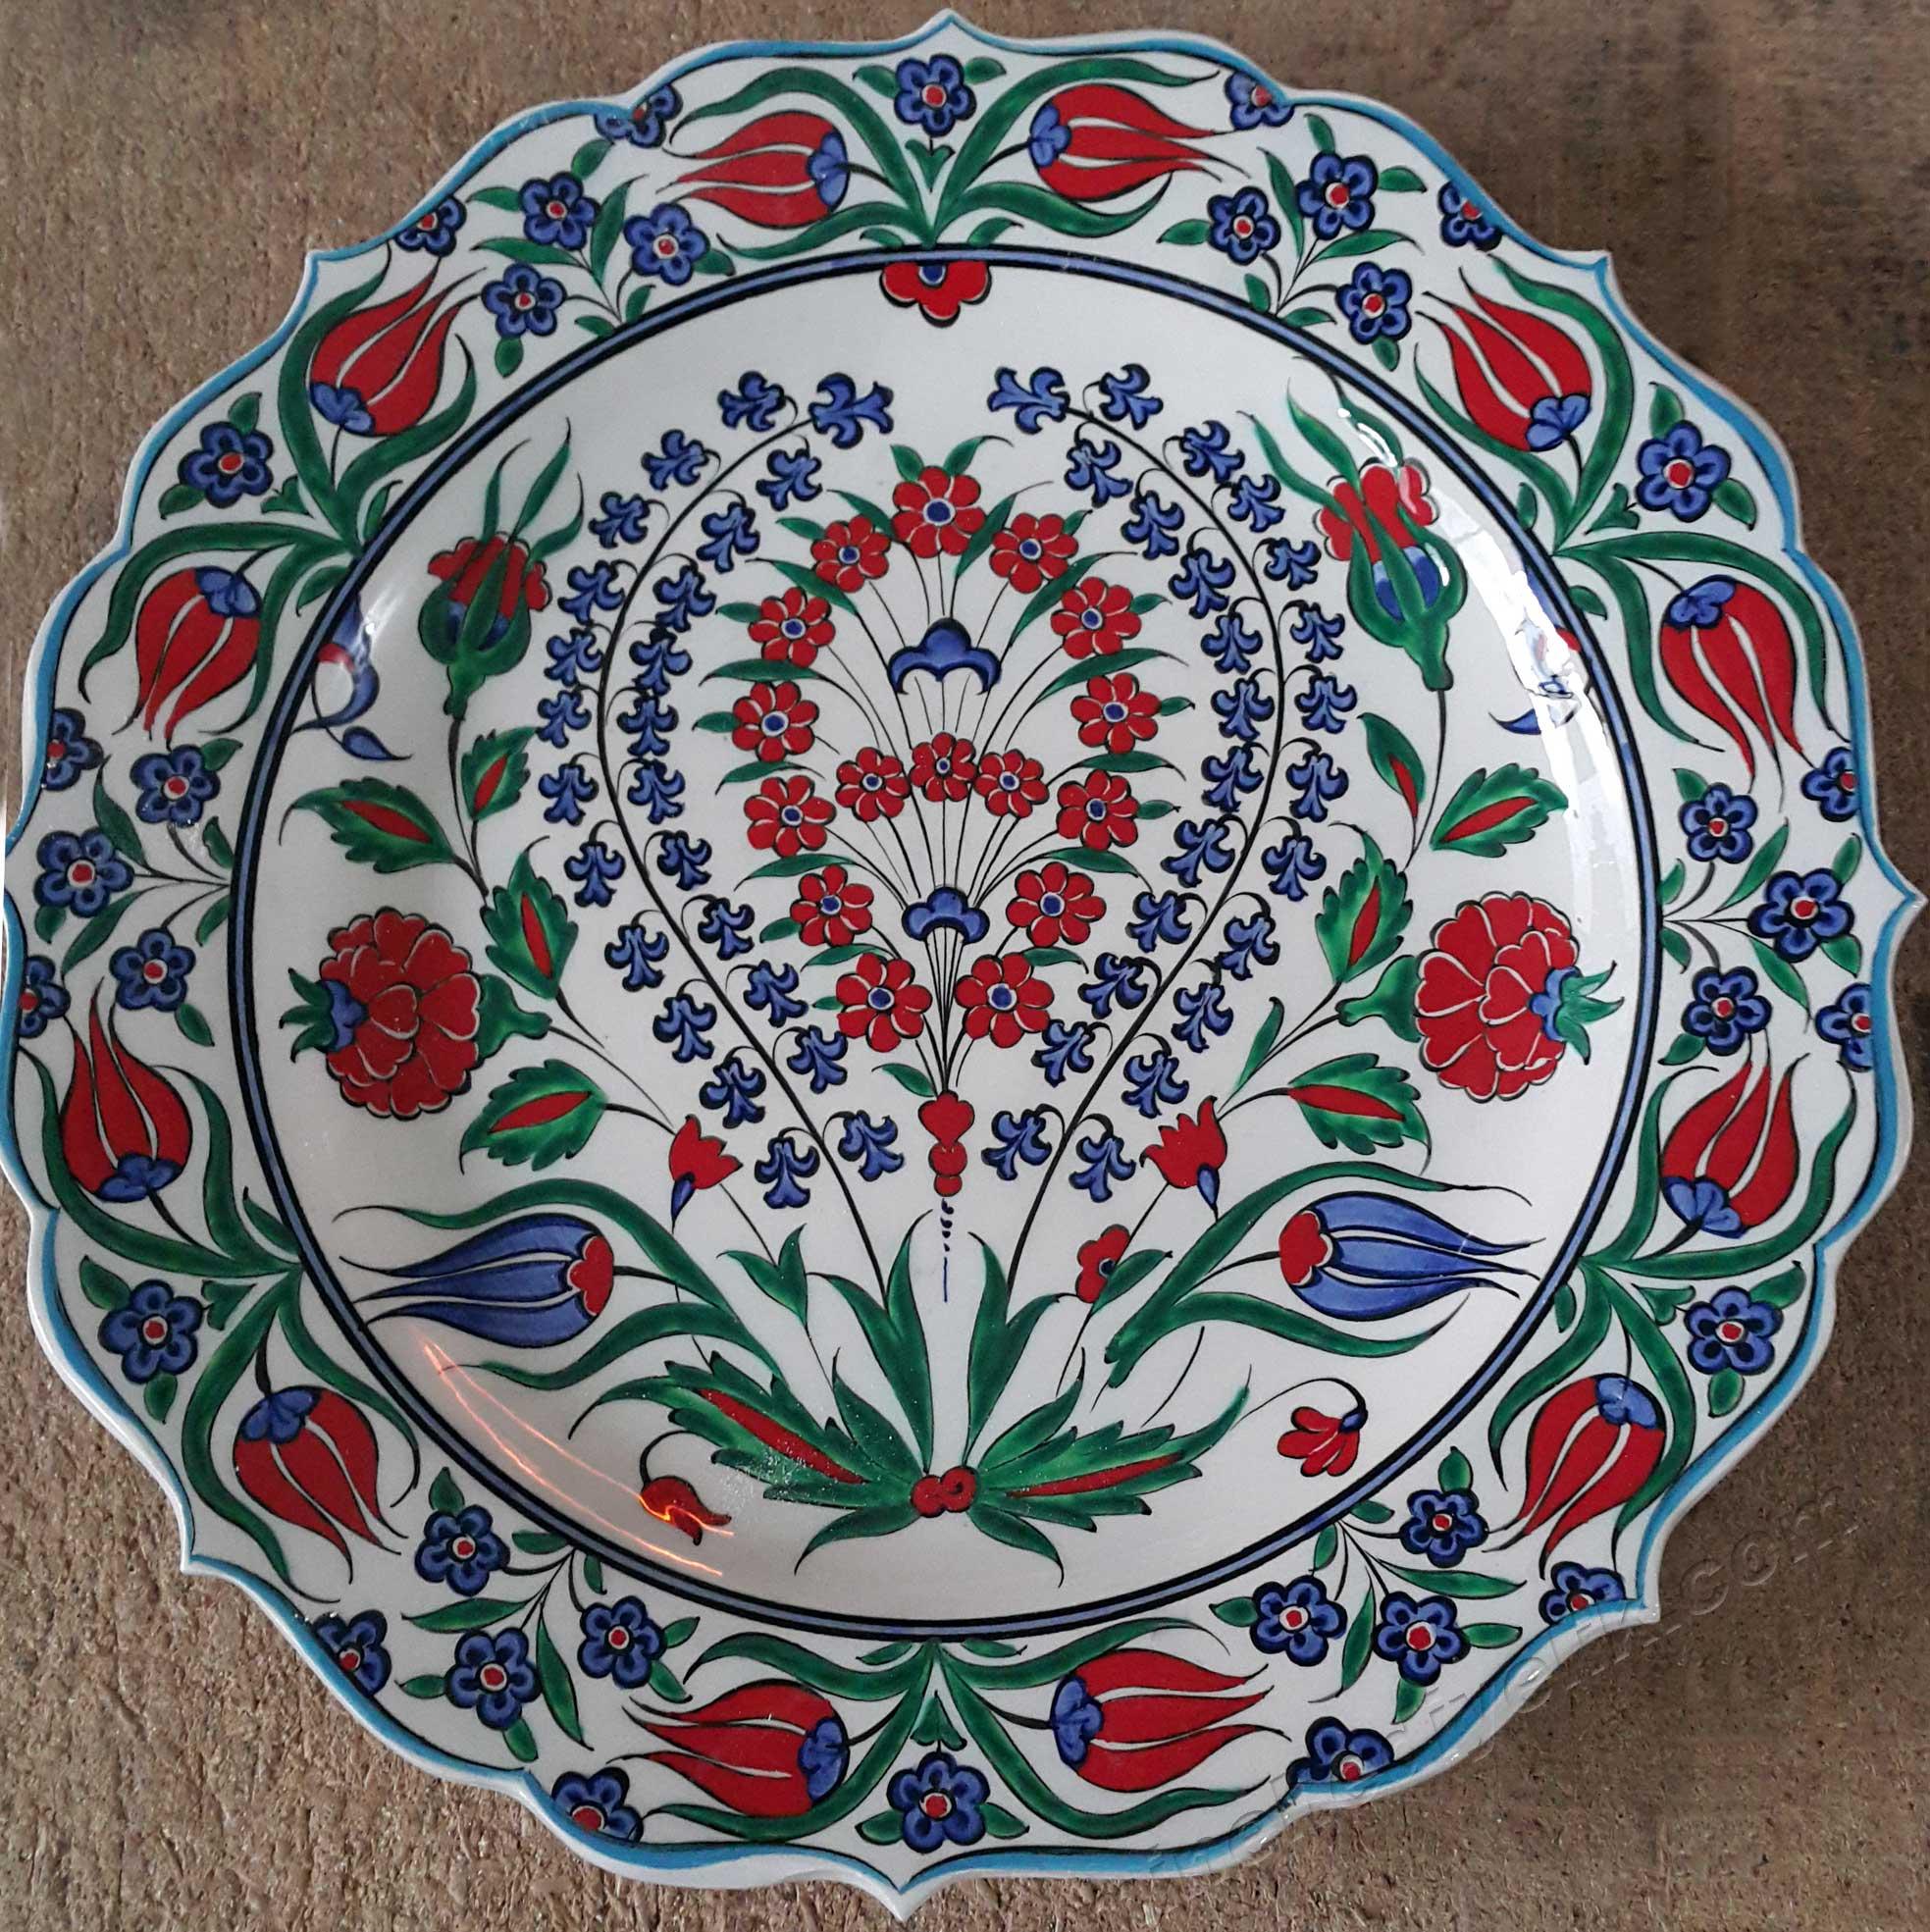 Geleneksel 16. Yüzyıl İznik Çini Replikaları, İmitasyonları Osmanlı da İznik çini atölyelerinde üretilmiş benzersiz eserlerin yeniden tasarımları